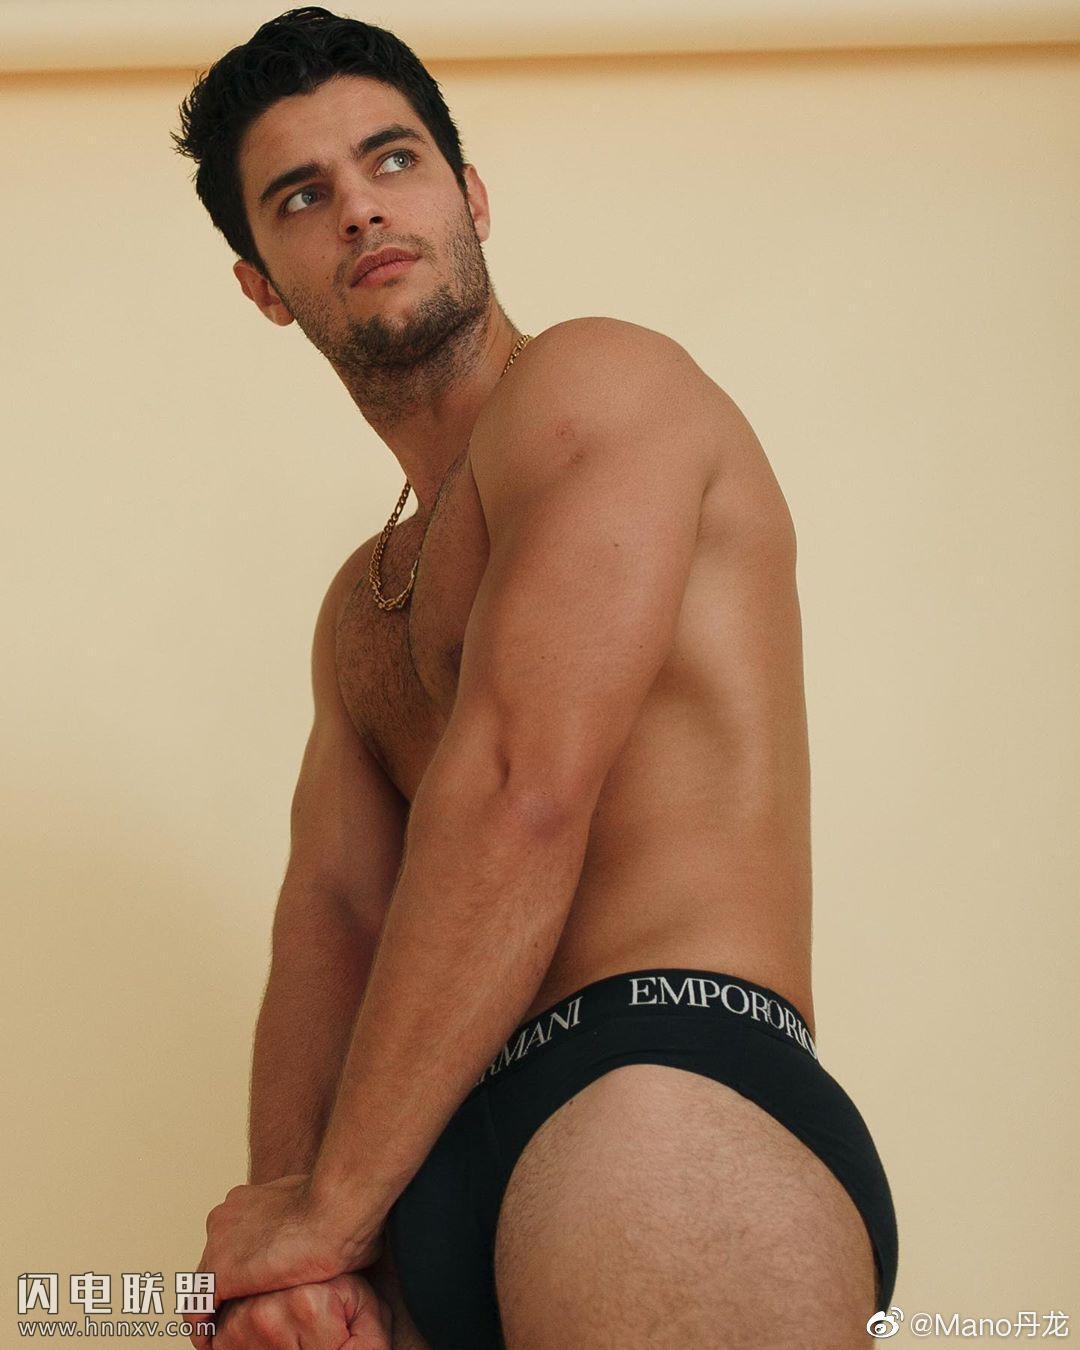 欧美肌肉男模帅哥海边性感文艺内裤写真第11张